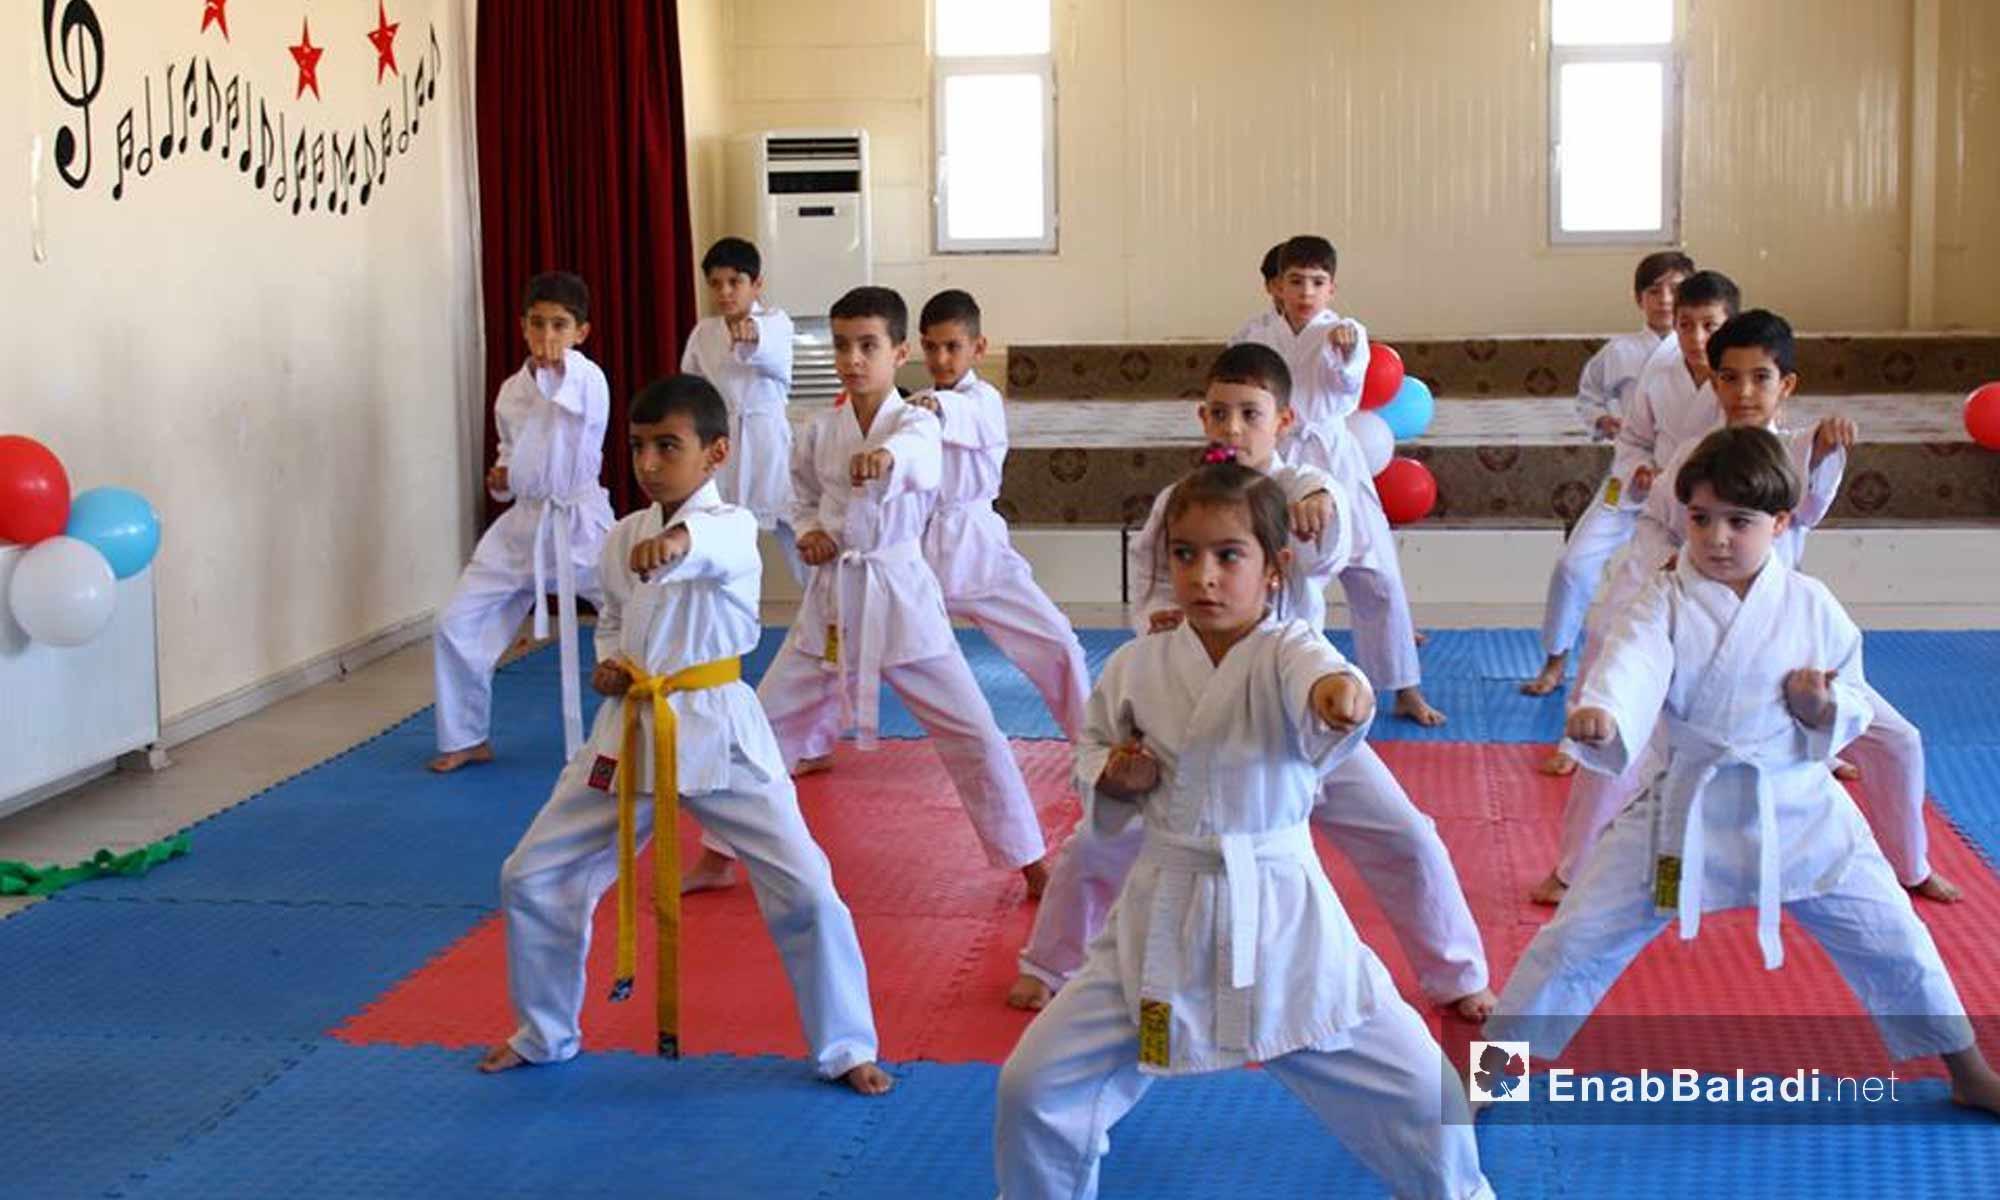 أطفال سوريون يقدمون عرض كاراتية في عنتاب التركية - 7 تشرين الأول 2017 (عنب بلدي)